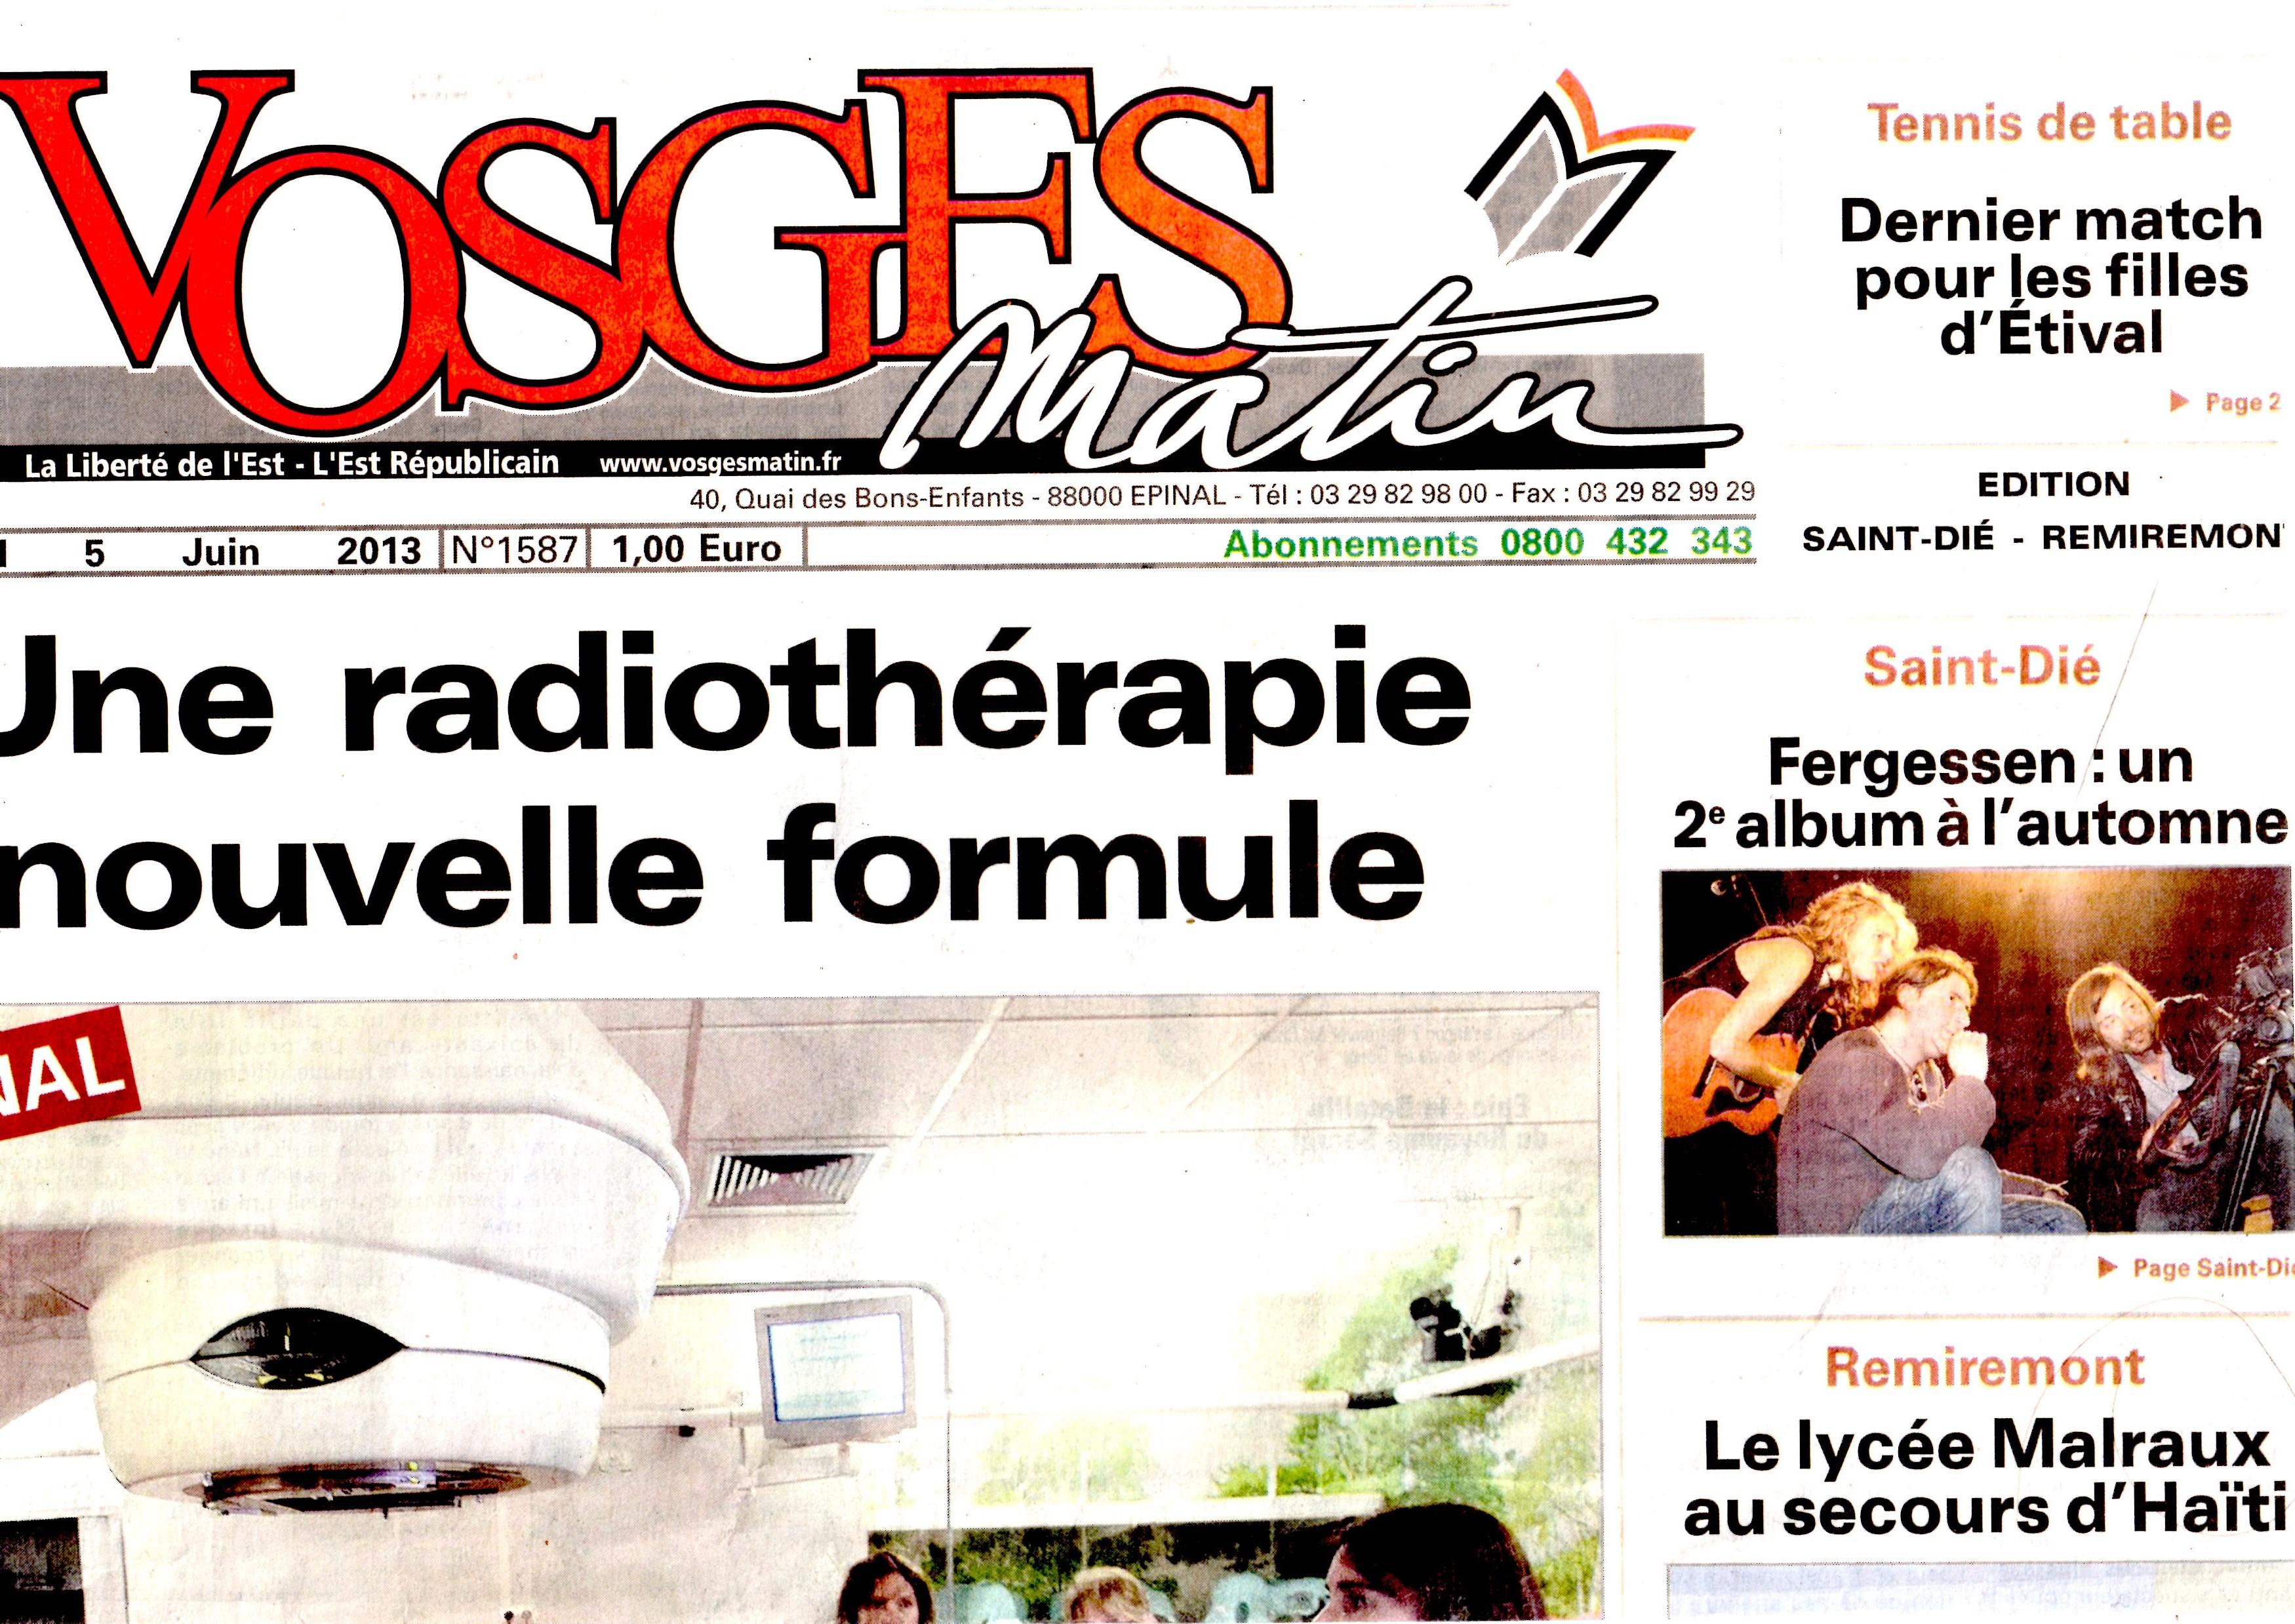 FERGESSEN - VOSGES MATIN - 5 juin 2013